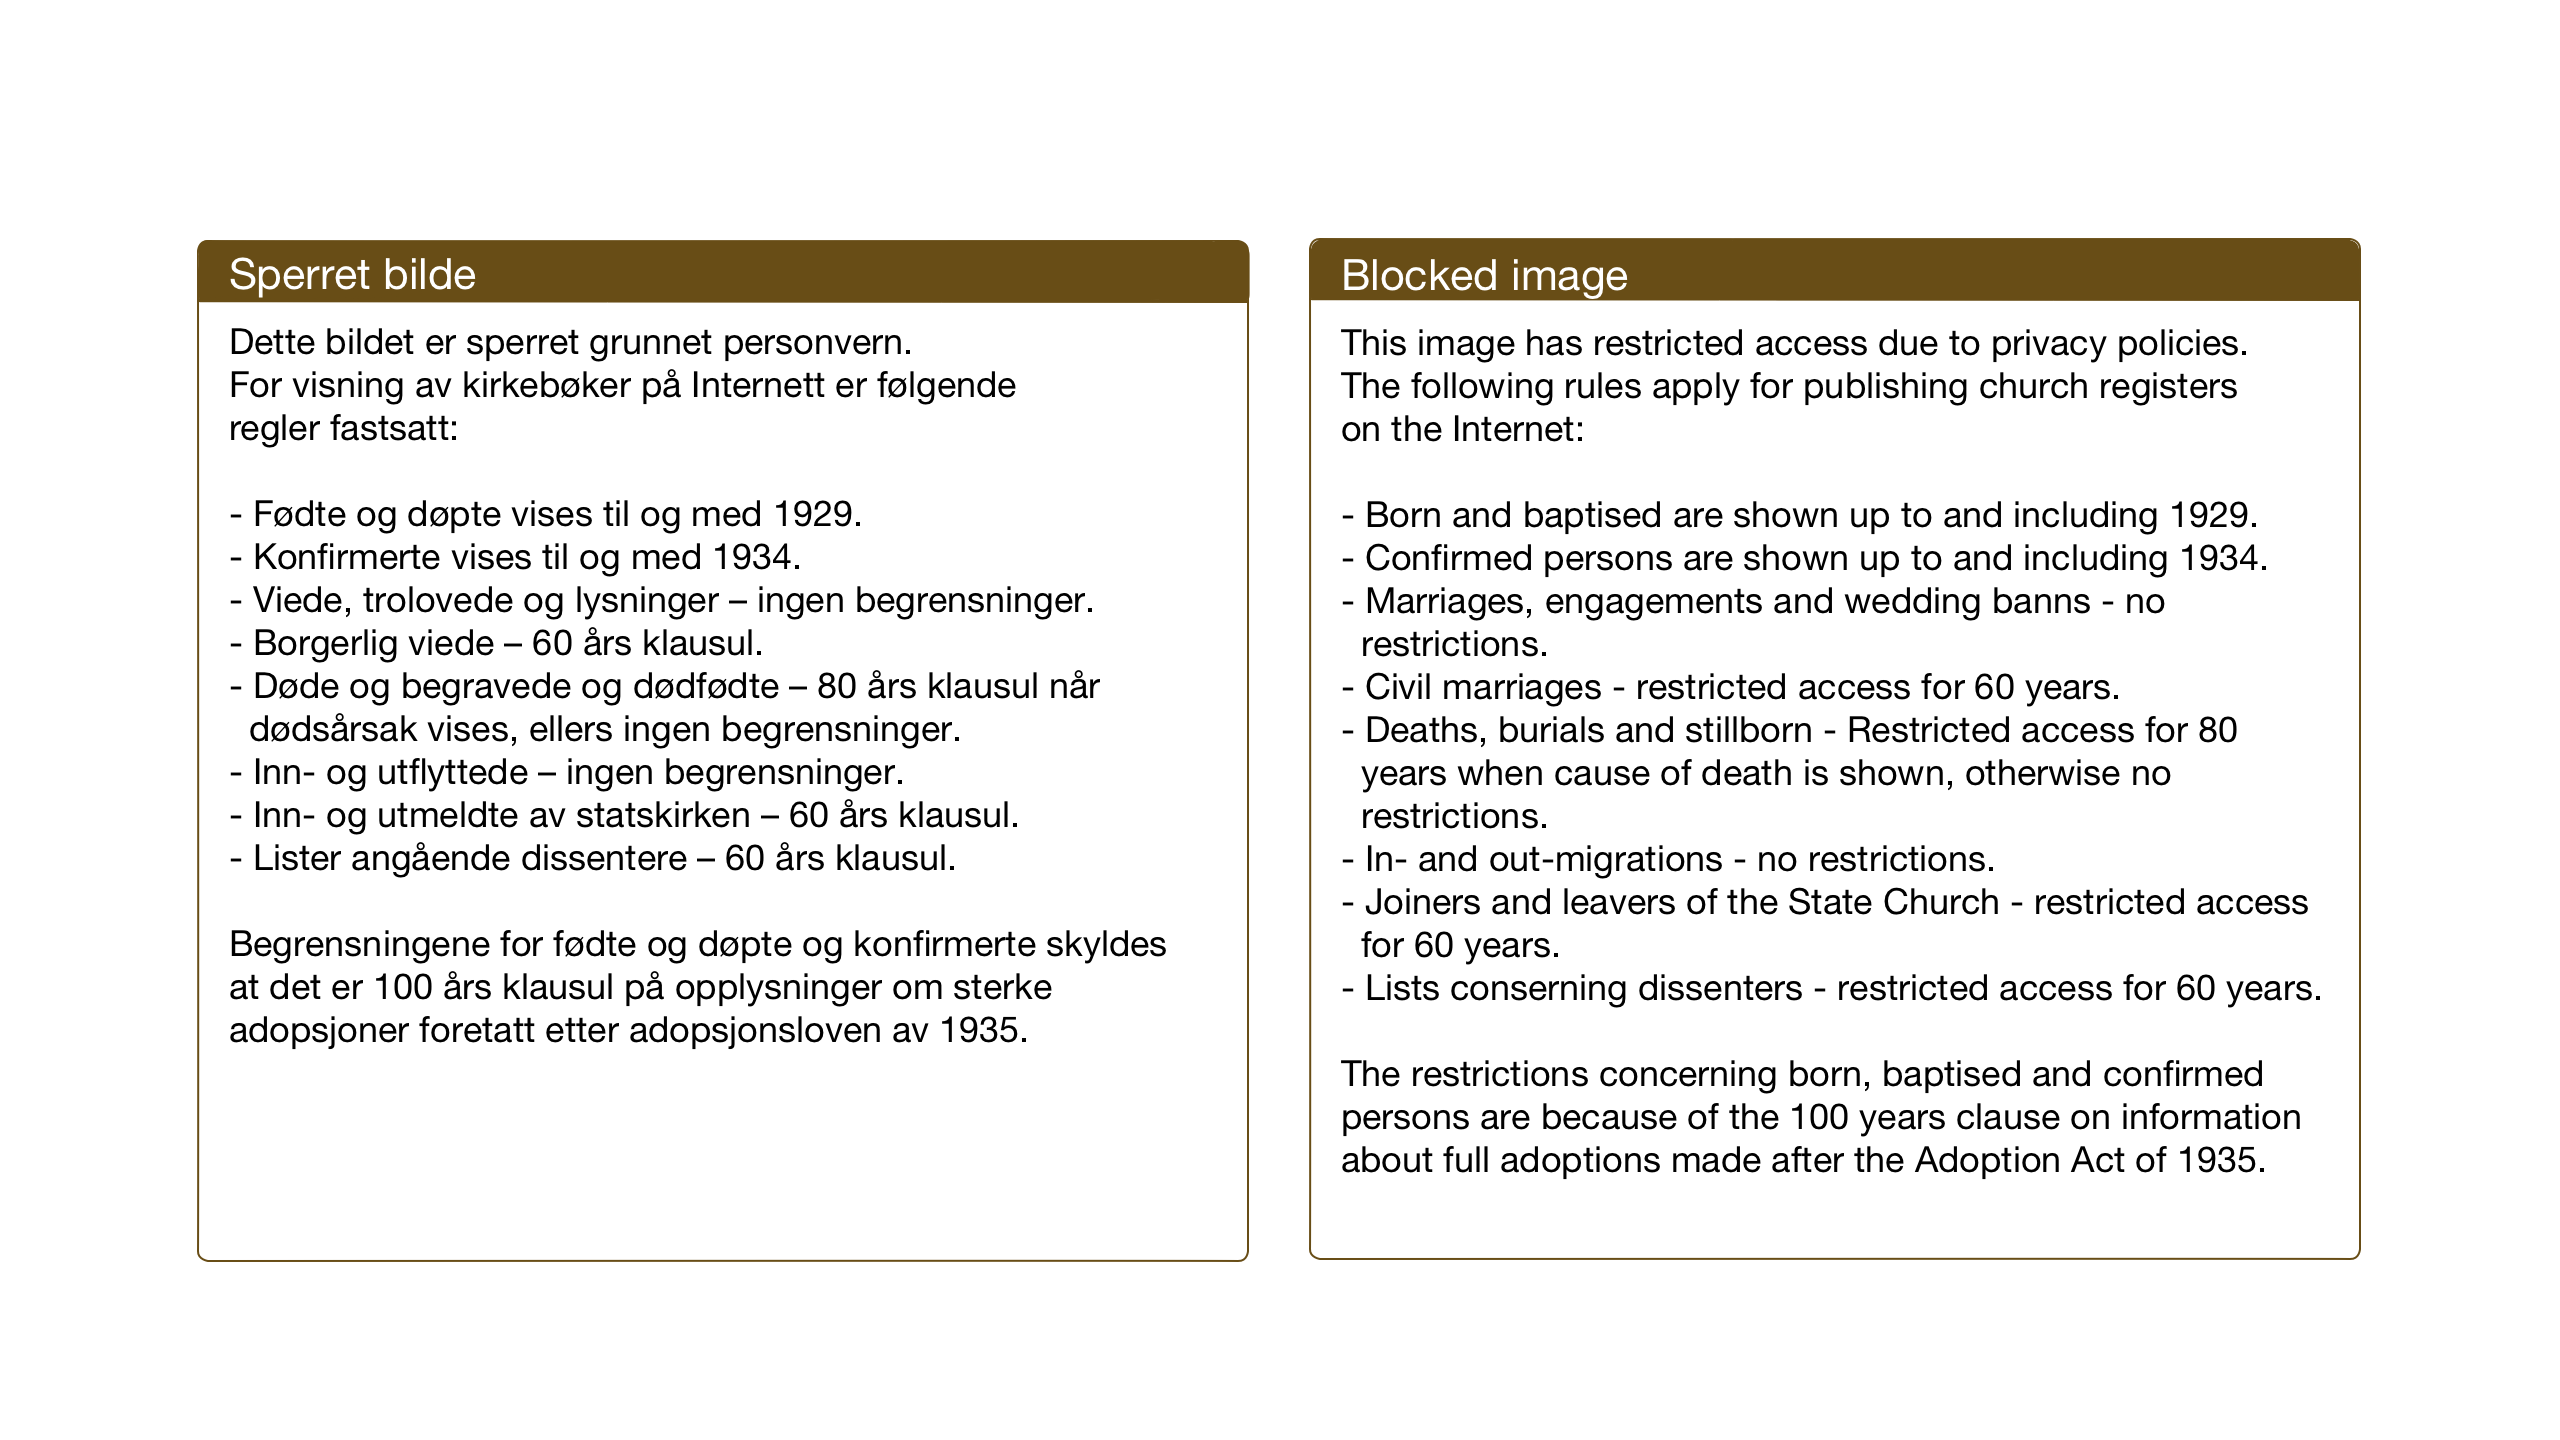 SAT, Ministerialprotokoller, klokkerbøker og fødselsregistre - Nord-Trøndelag, 755/L0500: Klokkerbok nr. 755C01, 1920-1962, s. 184